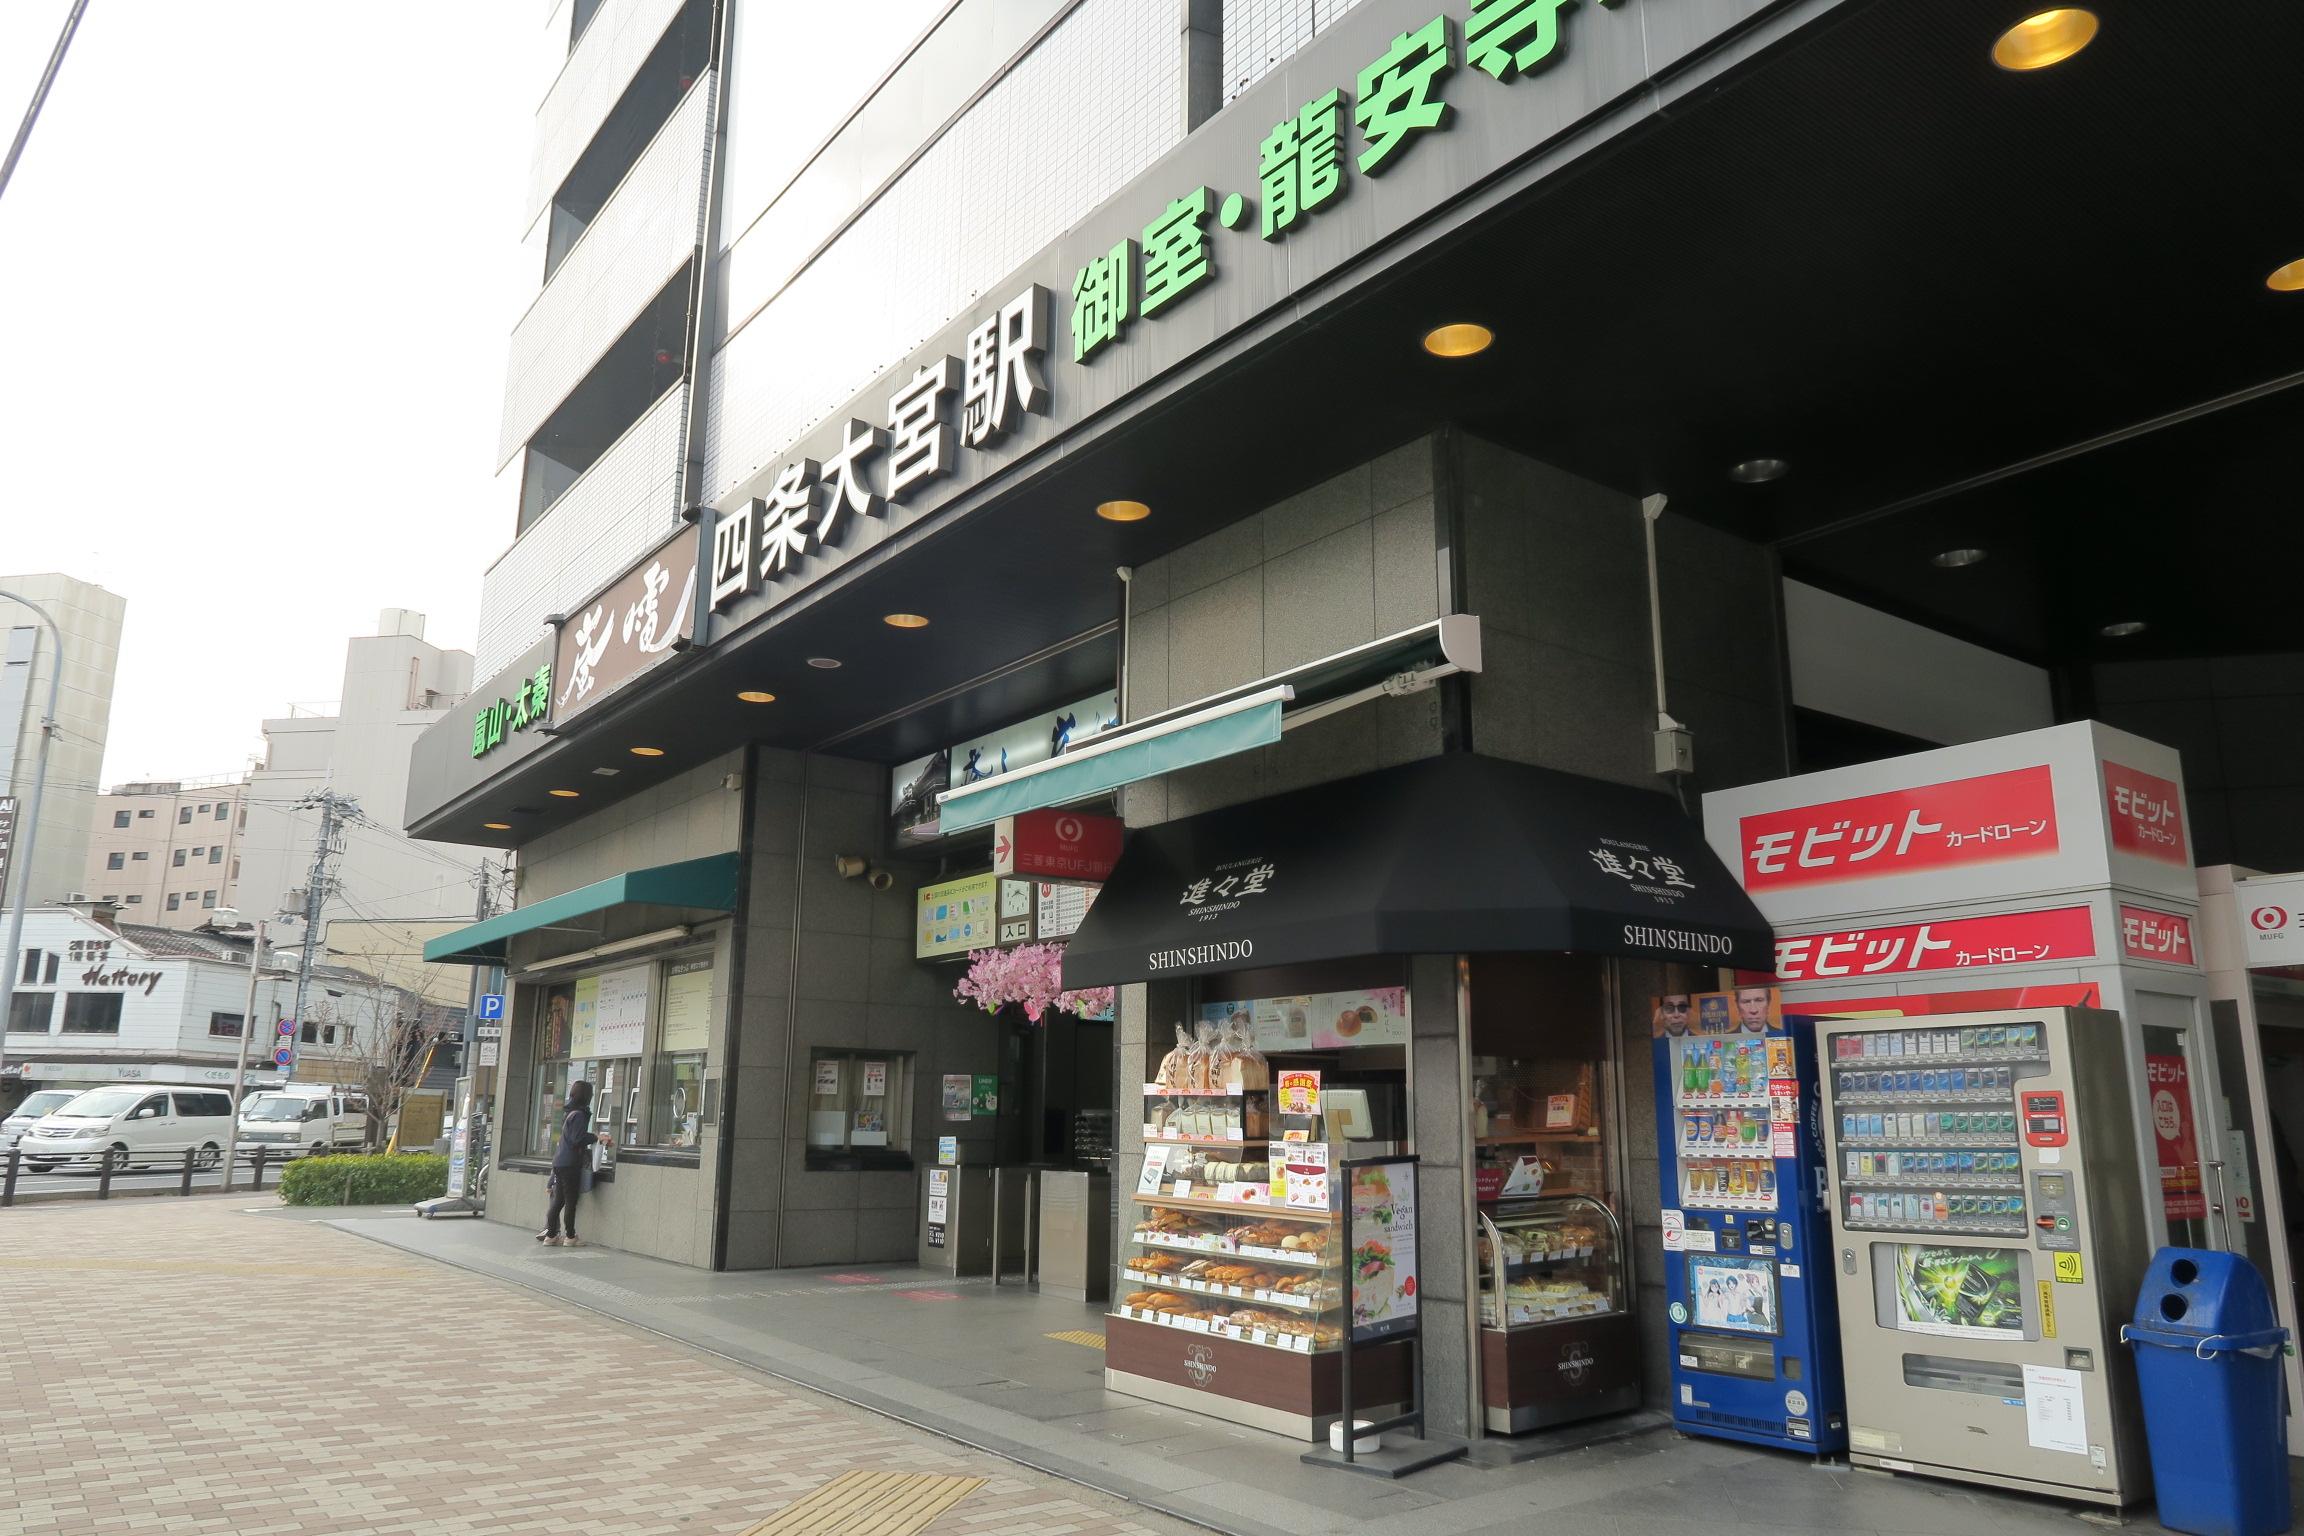 往復乗車券付の割引入村券を嵐電「四条大宮駅」にて購入。混雑も予想されるので、駅のパン屋でパンも購入。